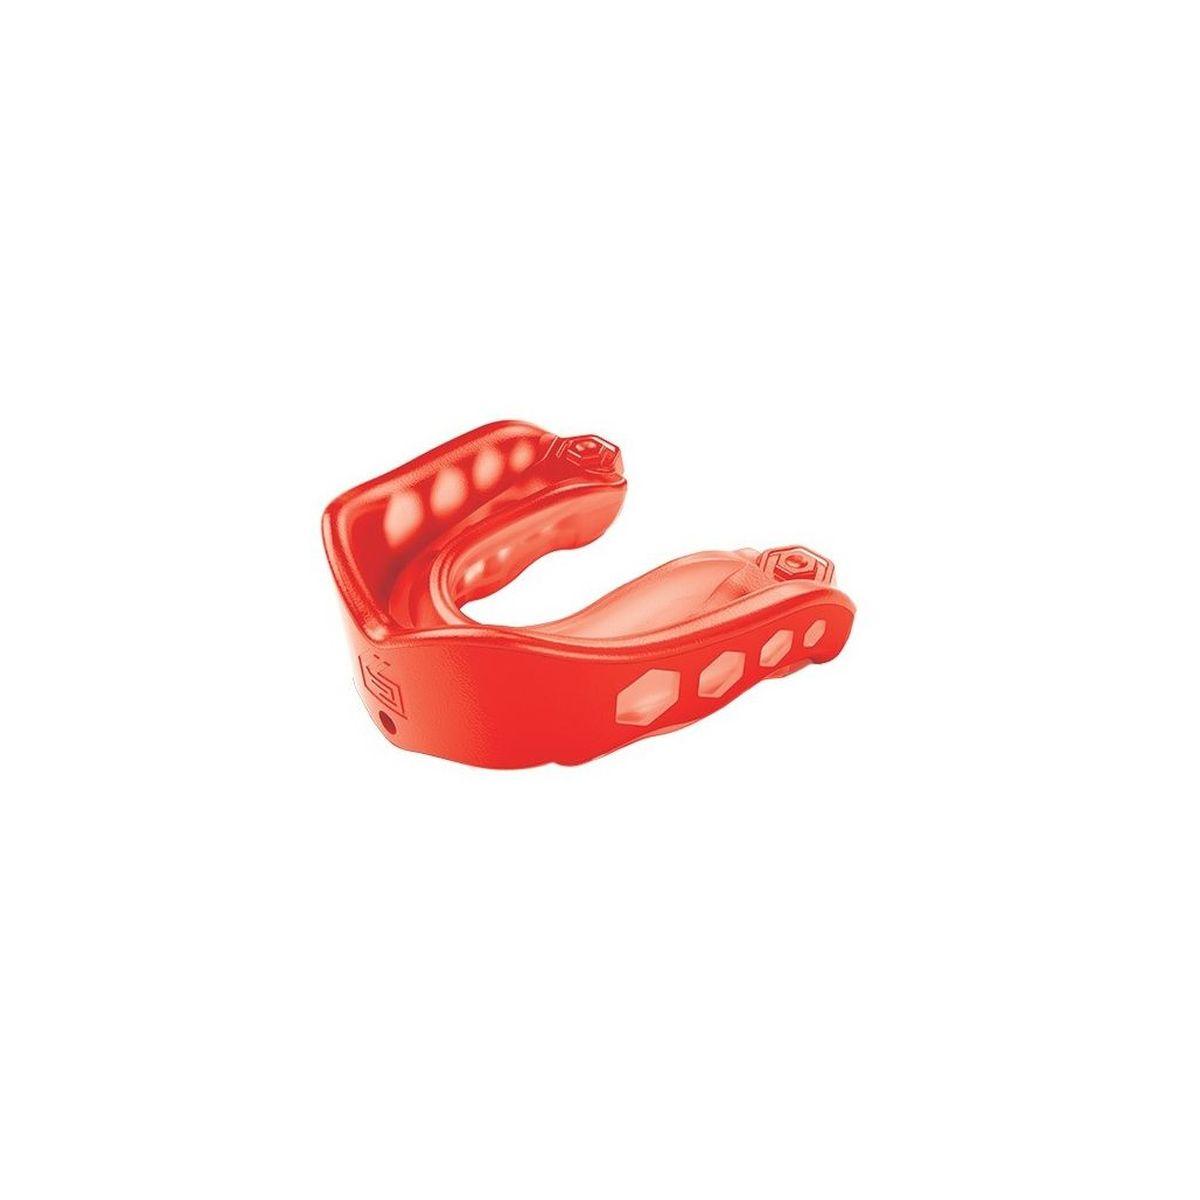 Ochraniacz na zęby Shock Doctor 6143 Gel Max Red